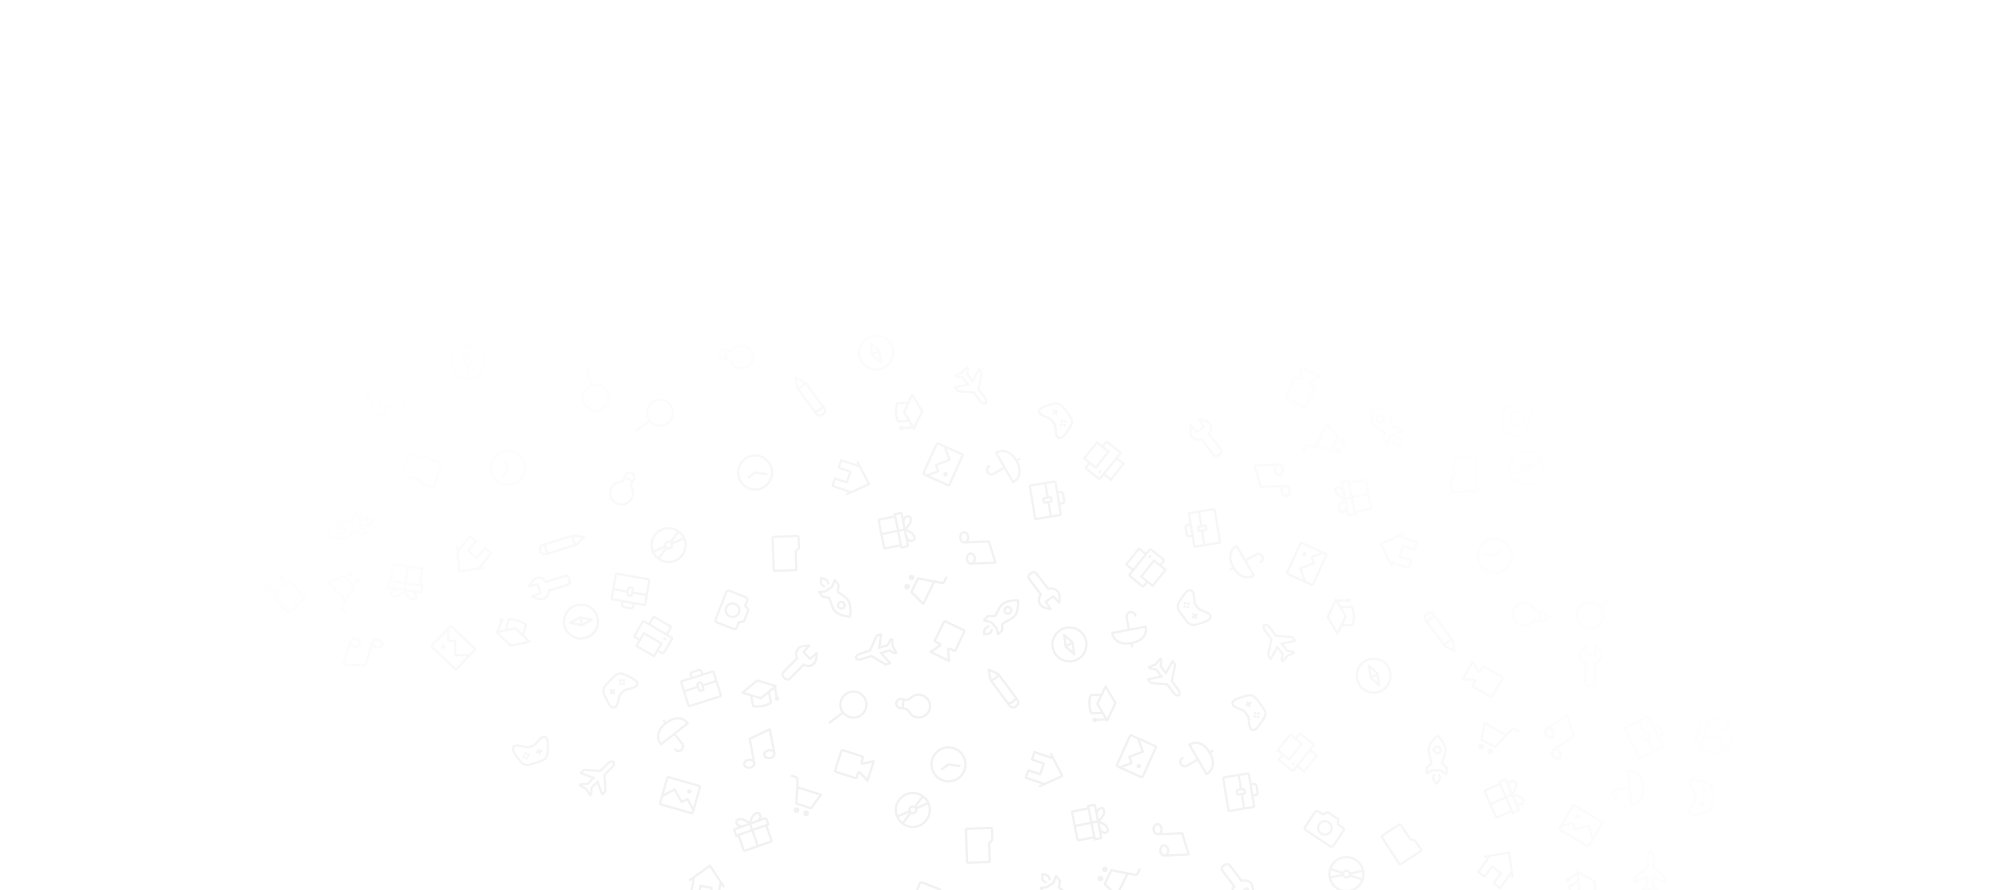 فاواکار| کاریابی تخصصی آنلاین